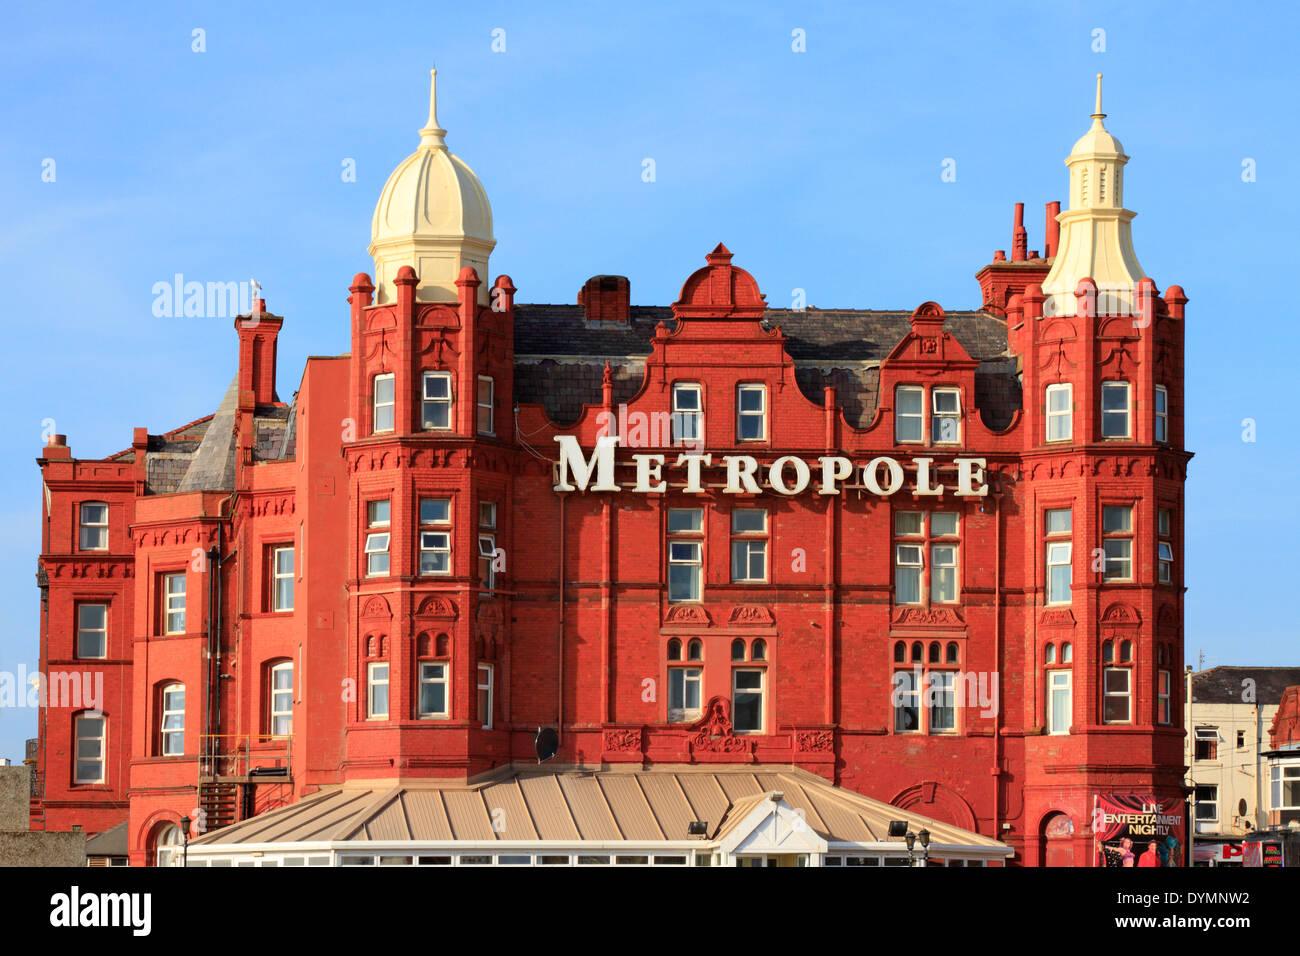 Grand Metropole Hotel, Blackpool, Lancashire, England, UK. - Stock Image